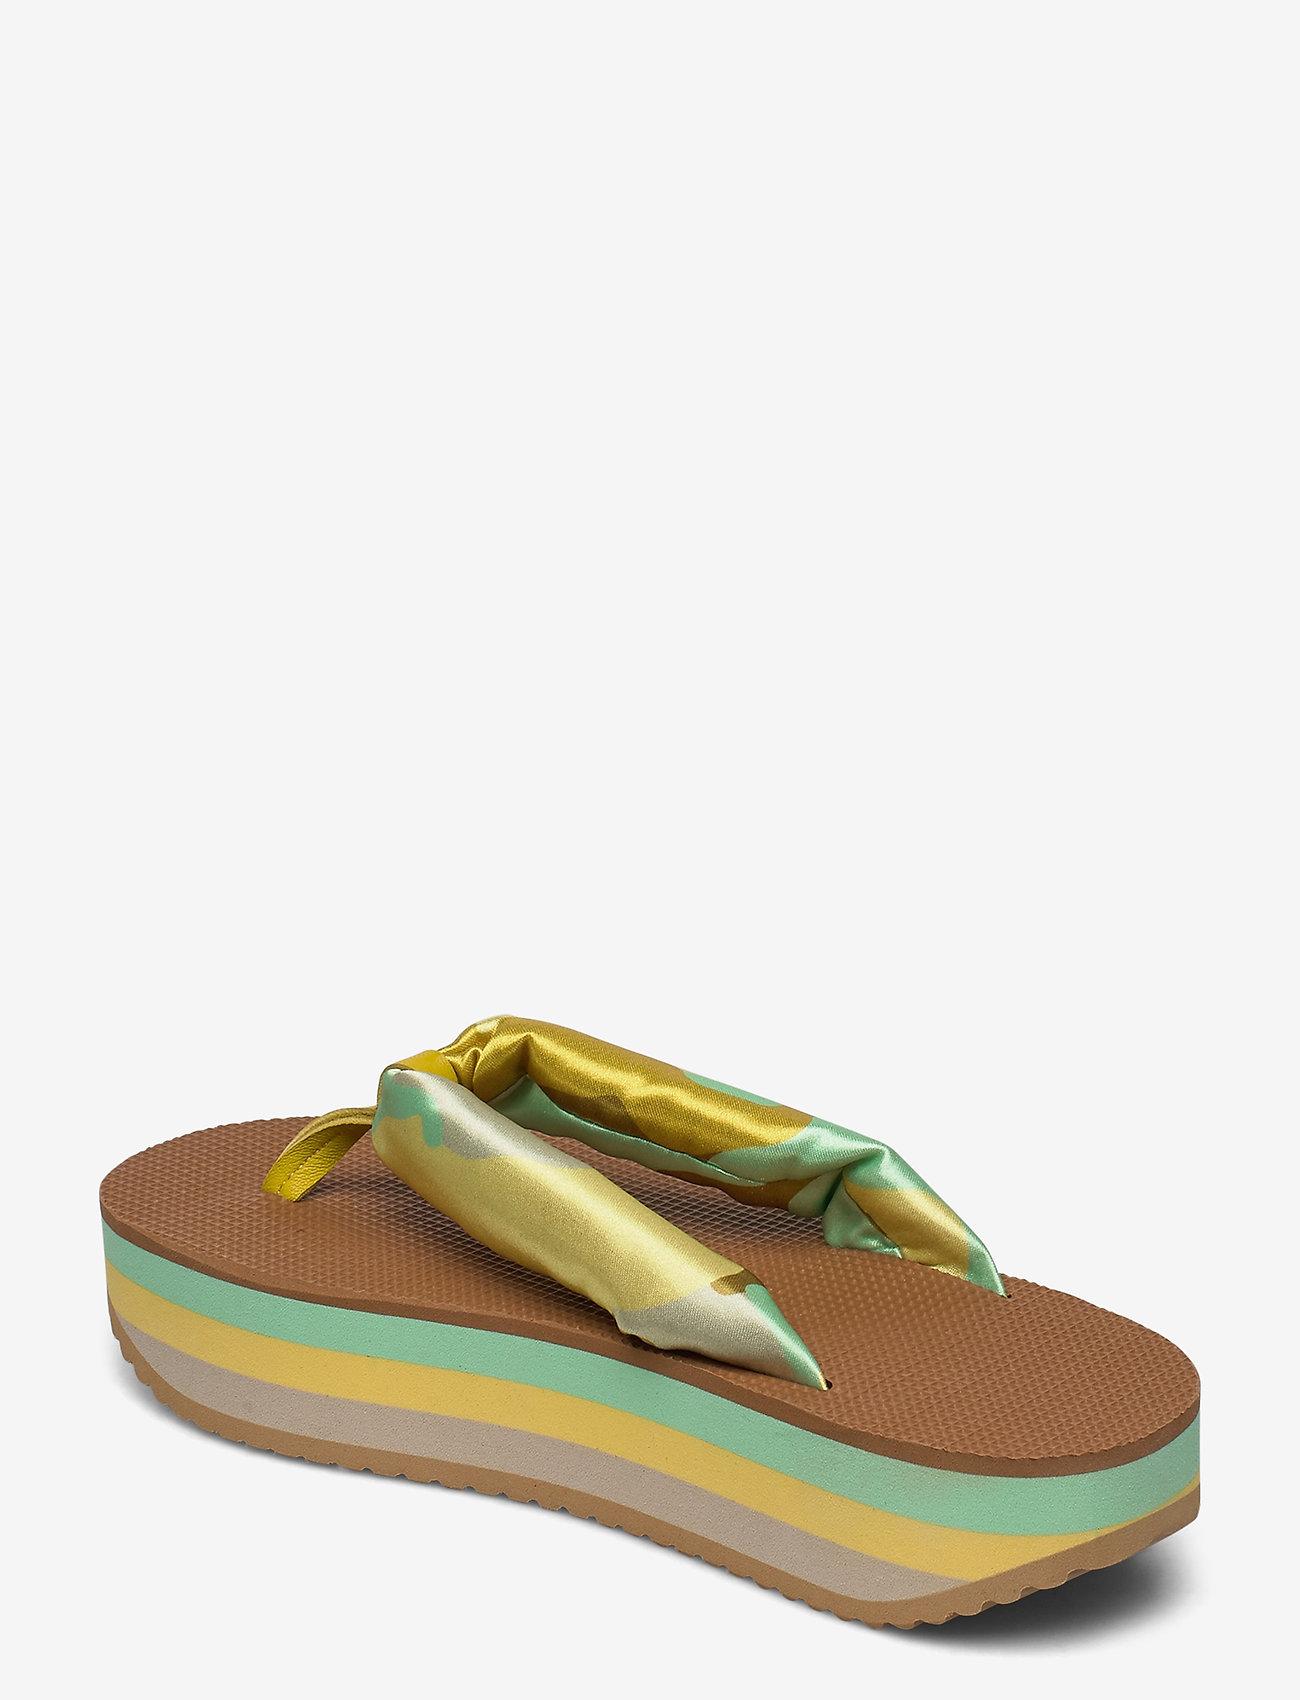 STINE GOYA - Trine, 889 Trine Sandals - flade sandaler - camouflage green - 2